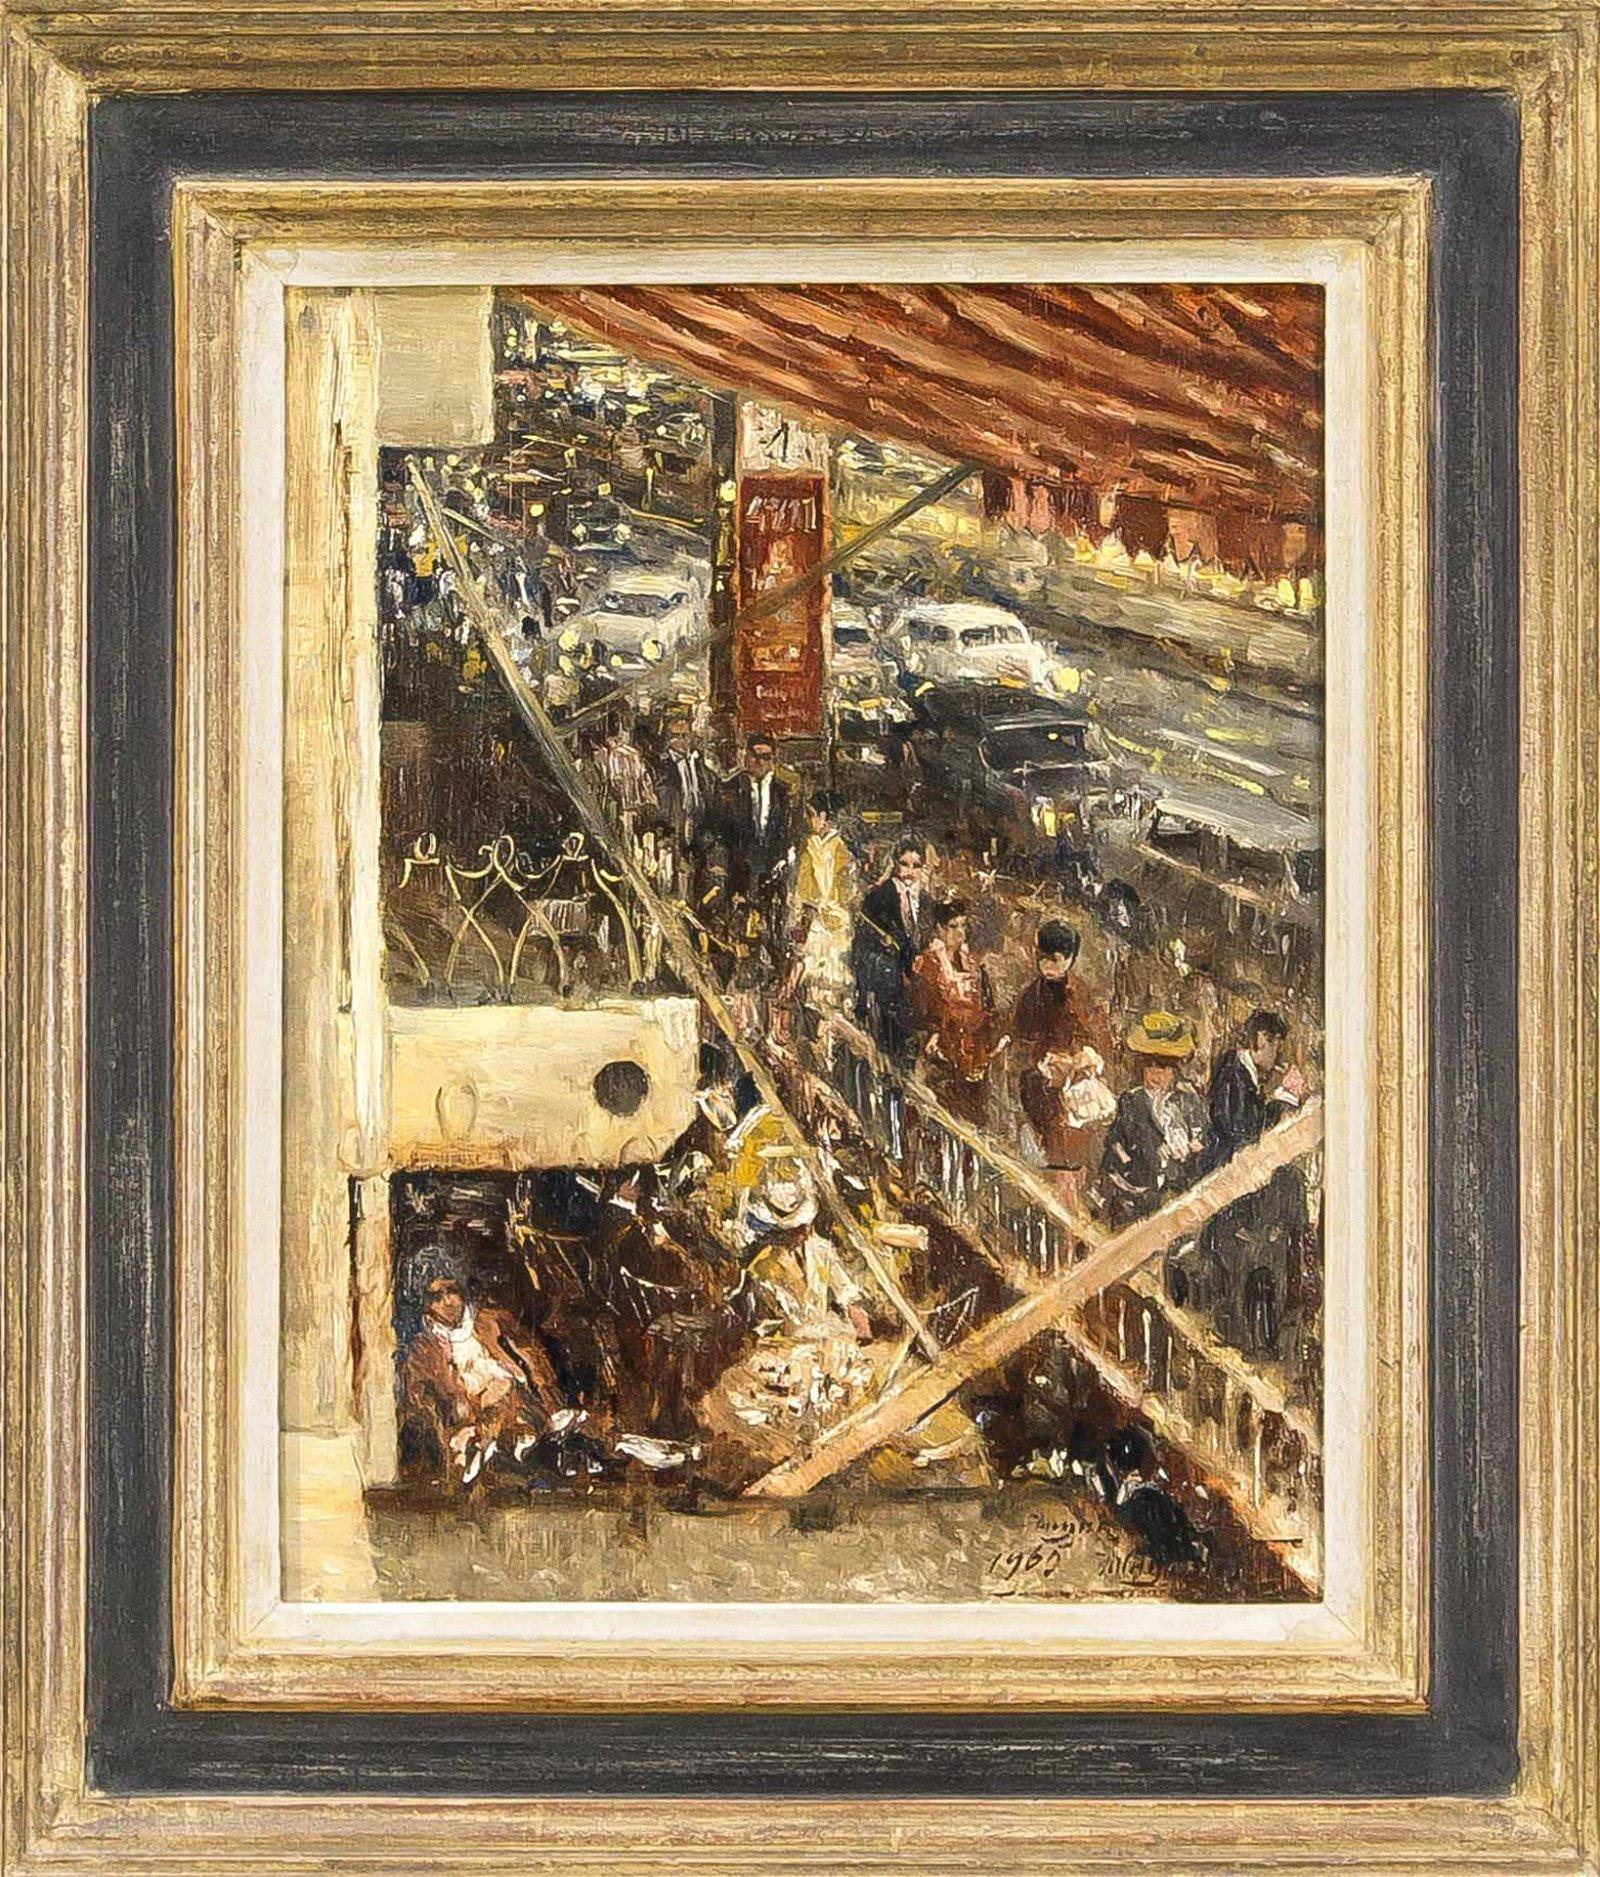 Rolf Dieter Meyer-Wiegand (1929-2006), Rhineland artist